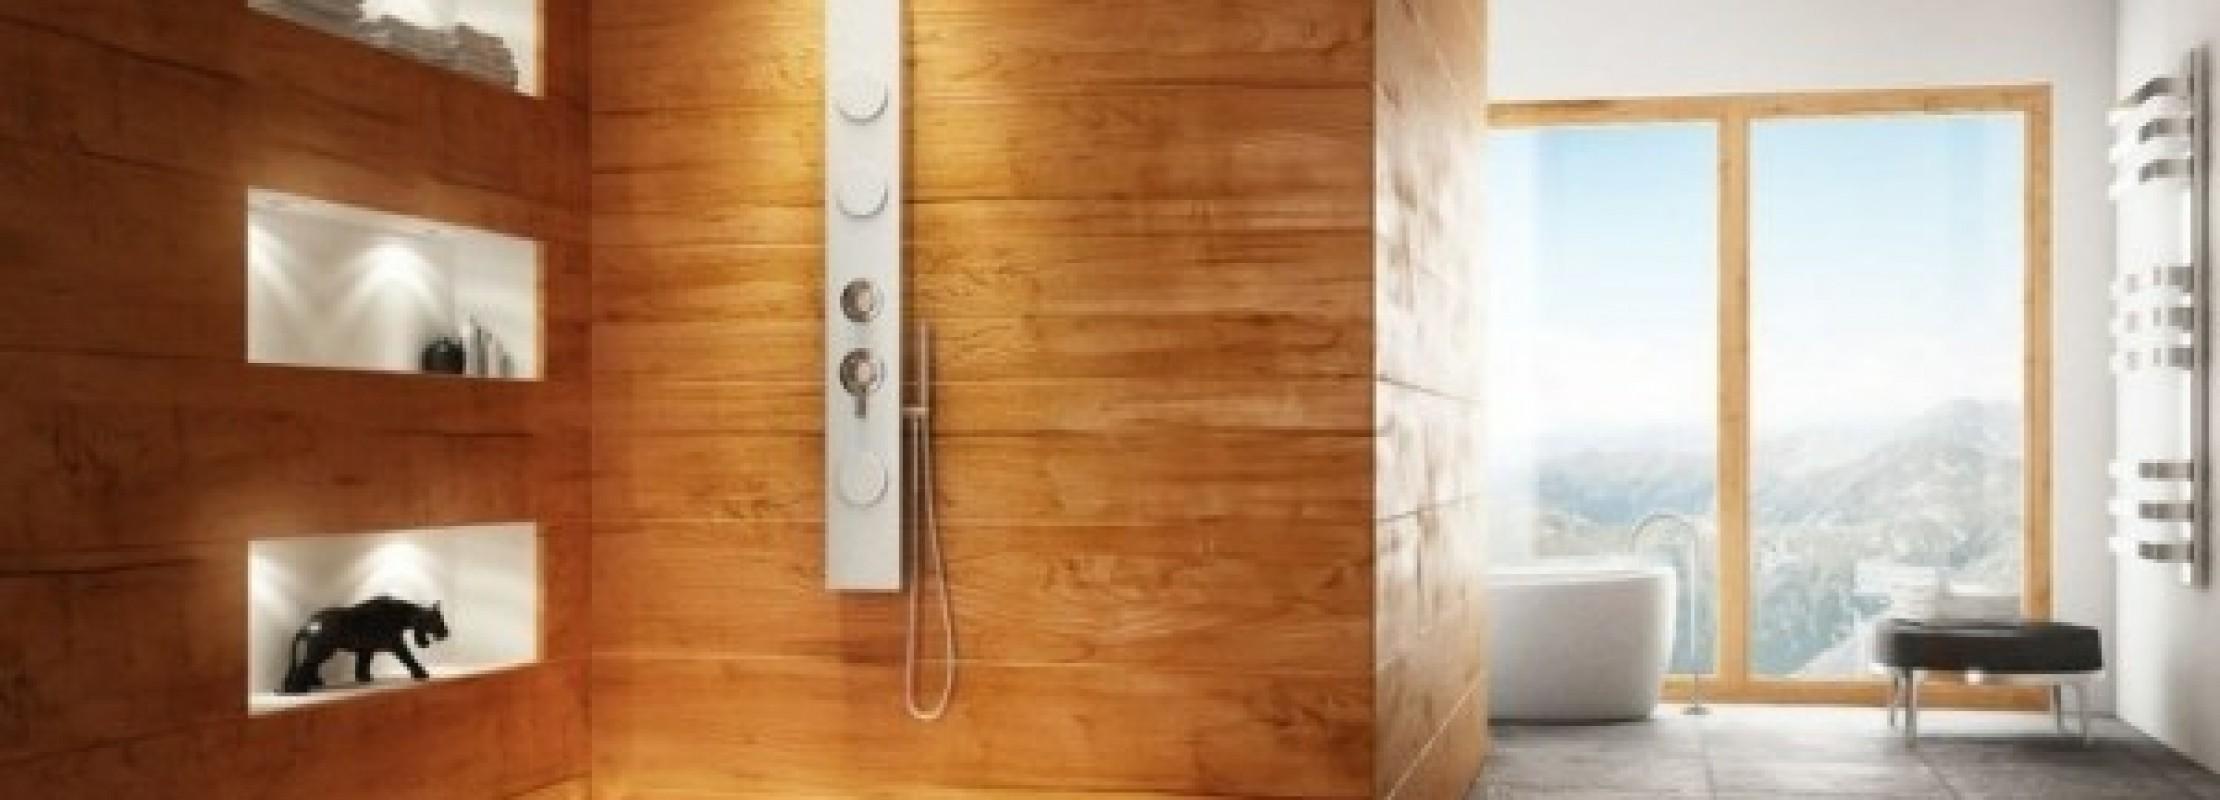 Cabina Doccia In Legno.Box Doccia In Legno Idee E Suggerimenti Blog Edilnet